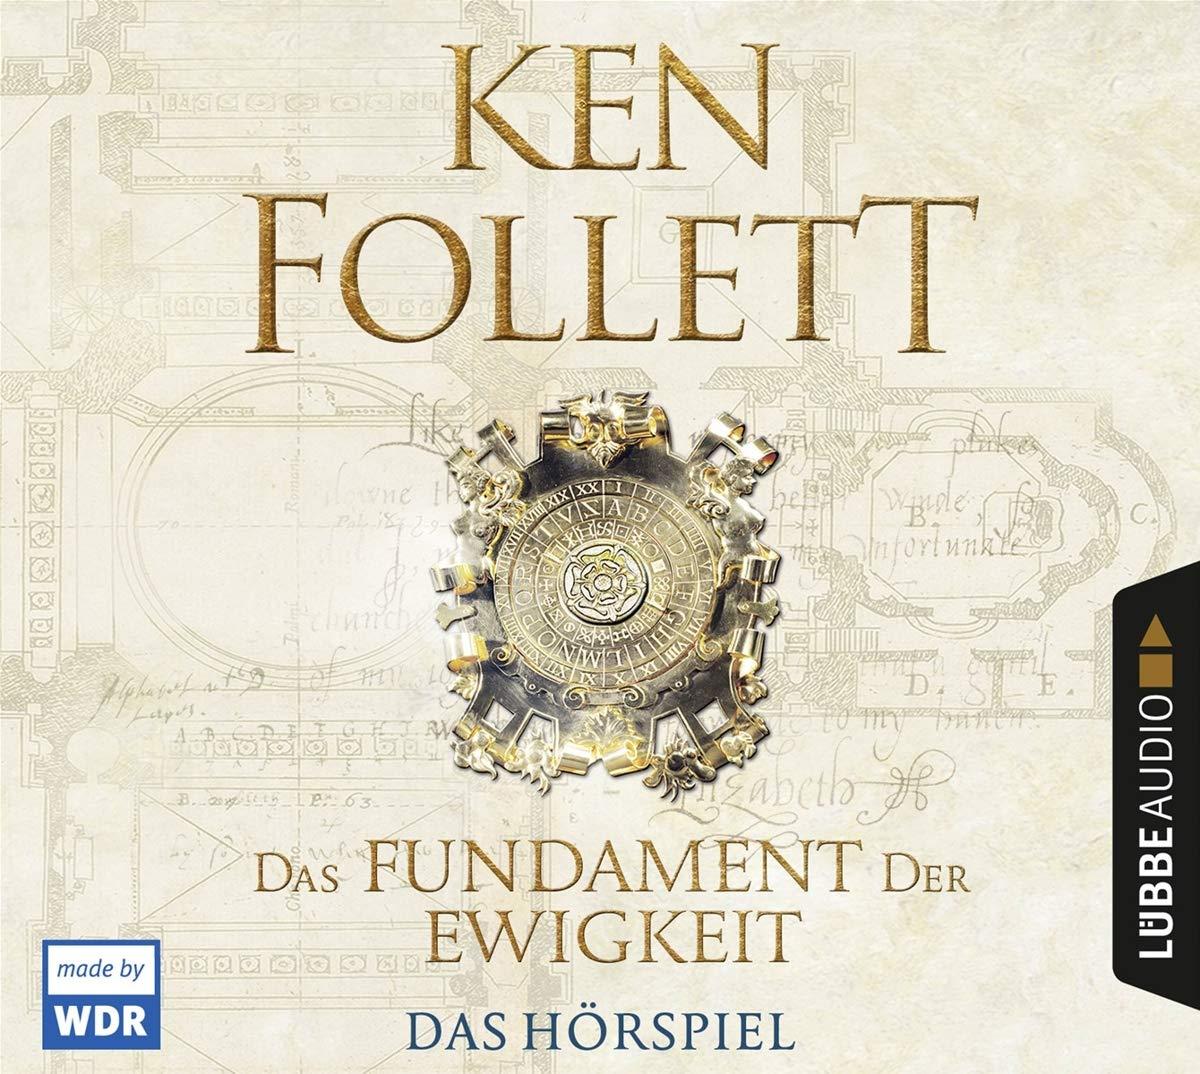 Das Fundament der Ewigkeit von Ken Follett - gratis Hörspiel (ab 25.12.)